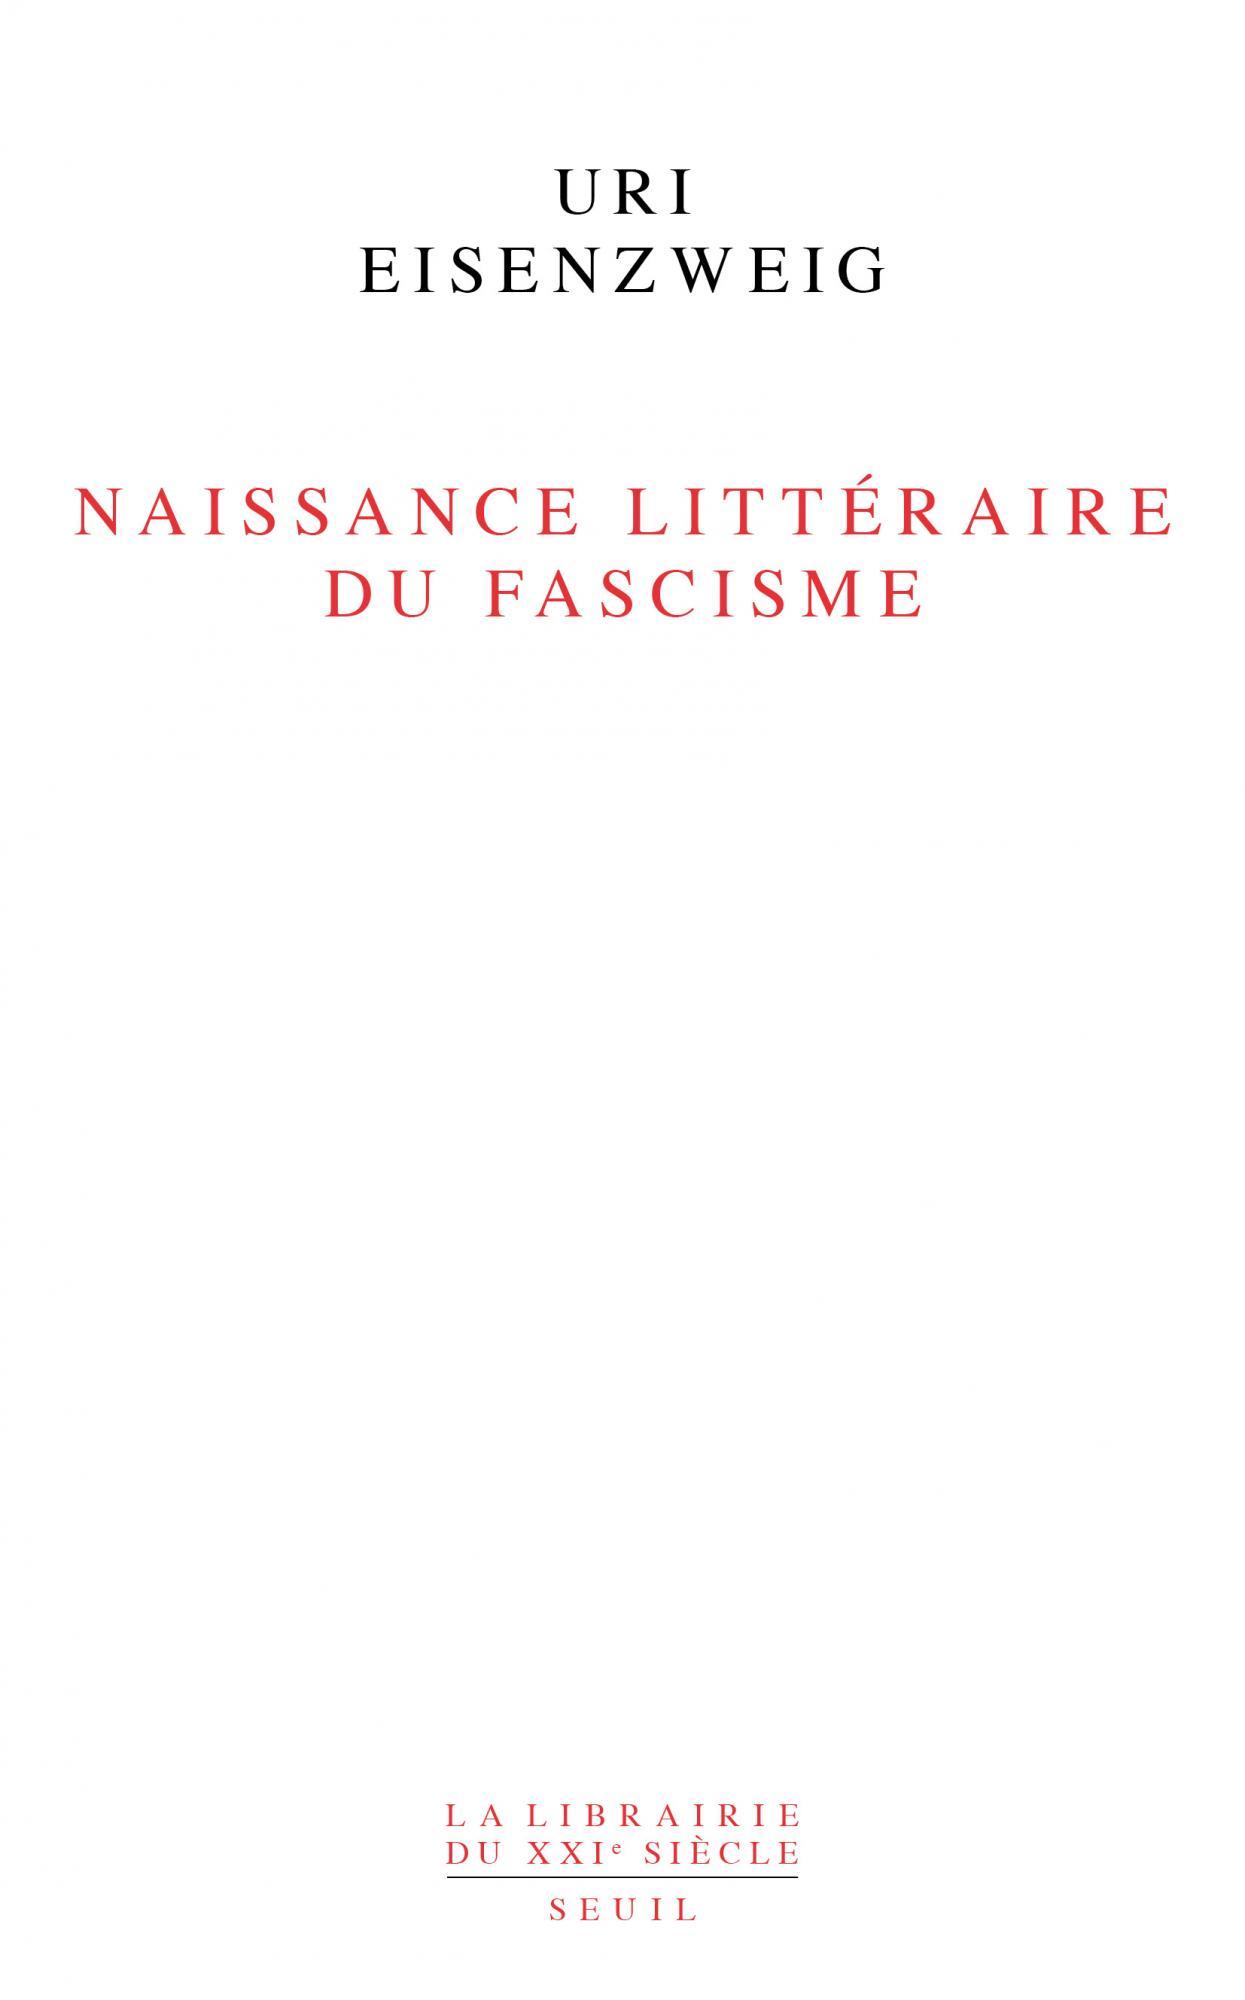 U. Eisenzweig, Naissance littéraire du fascisme